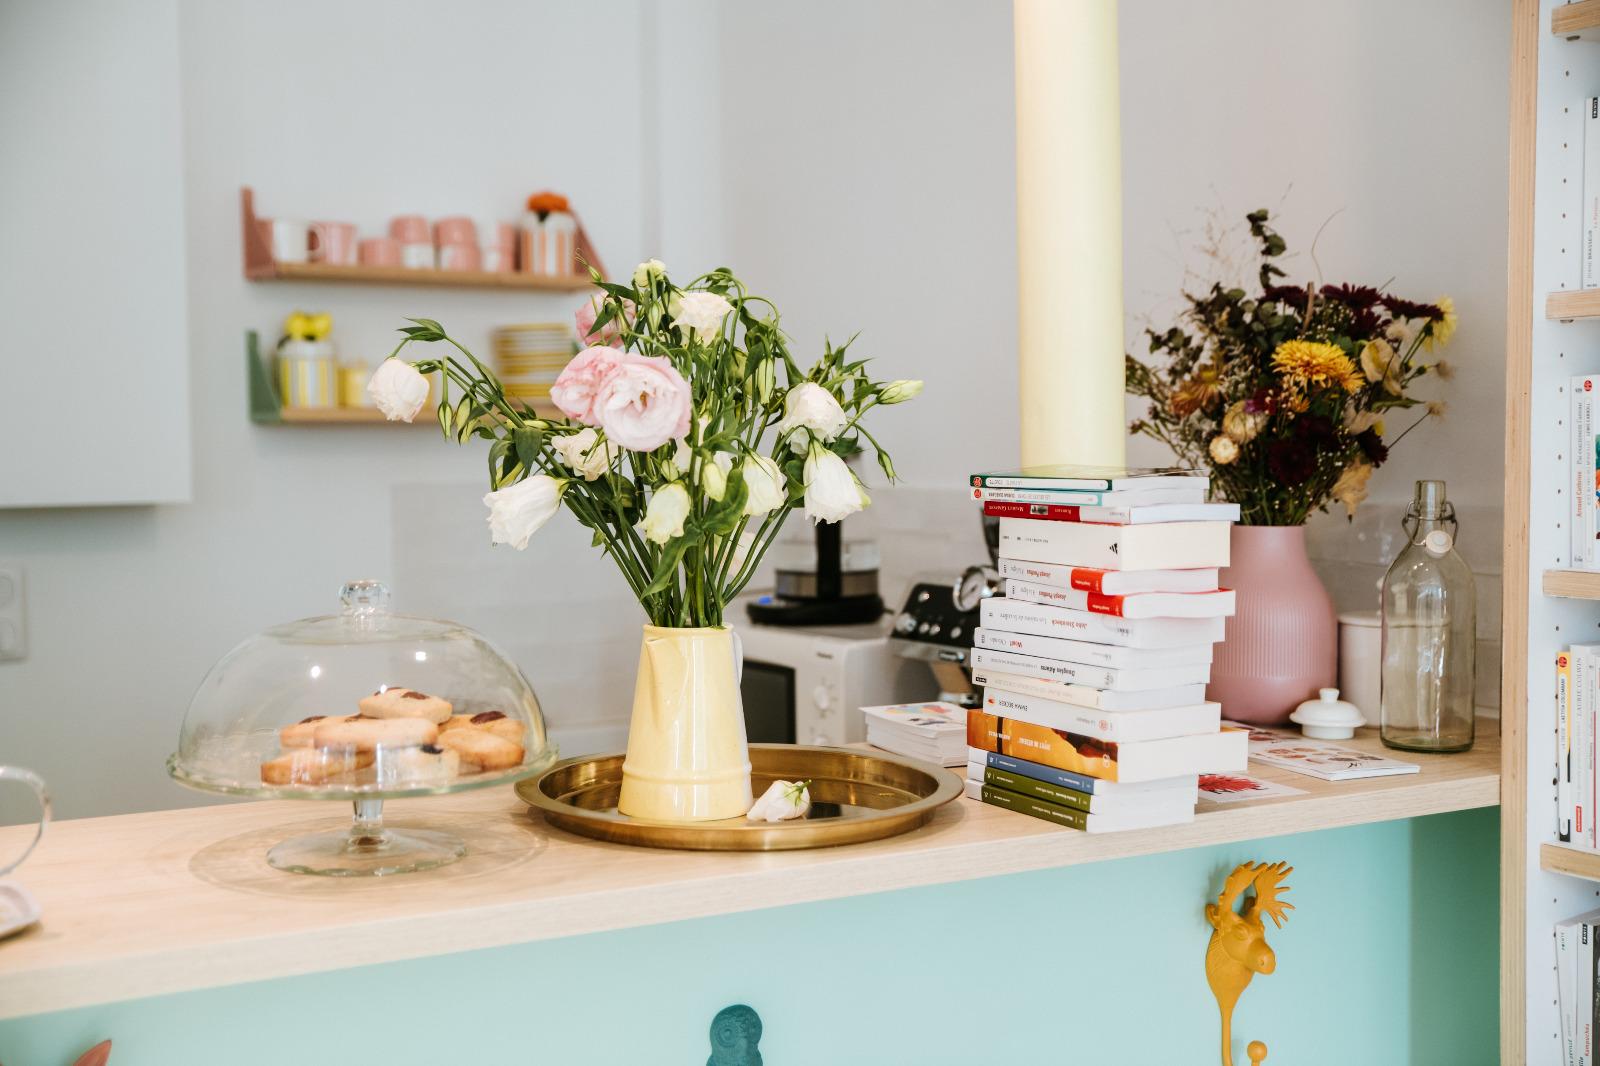 librairie_fleurs_livres_bar